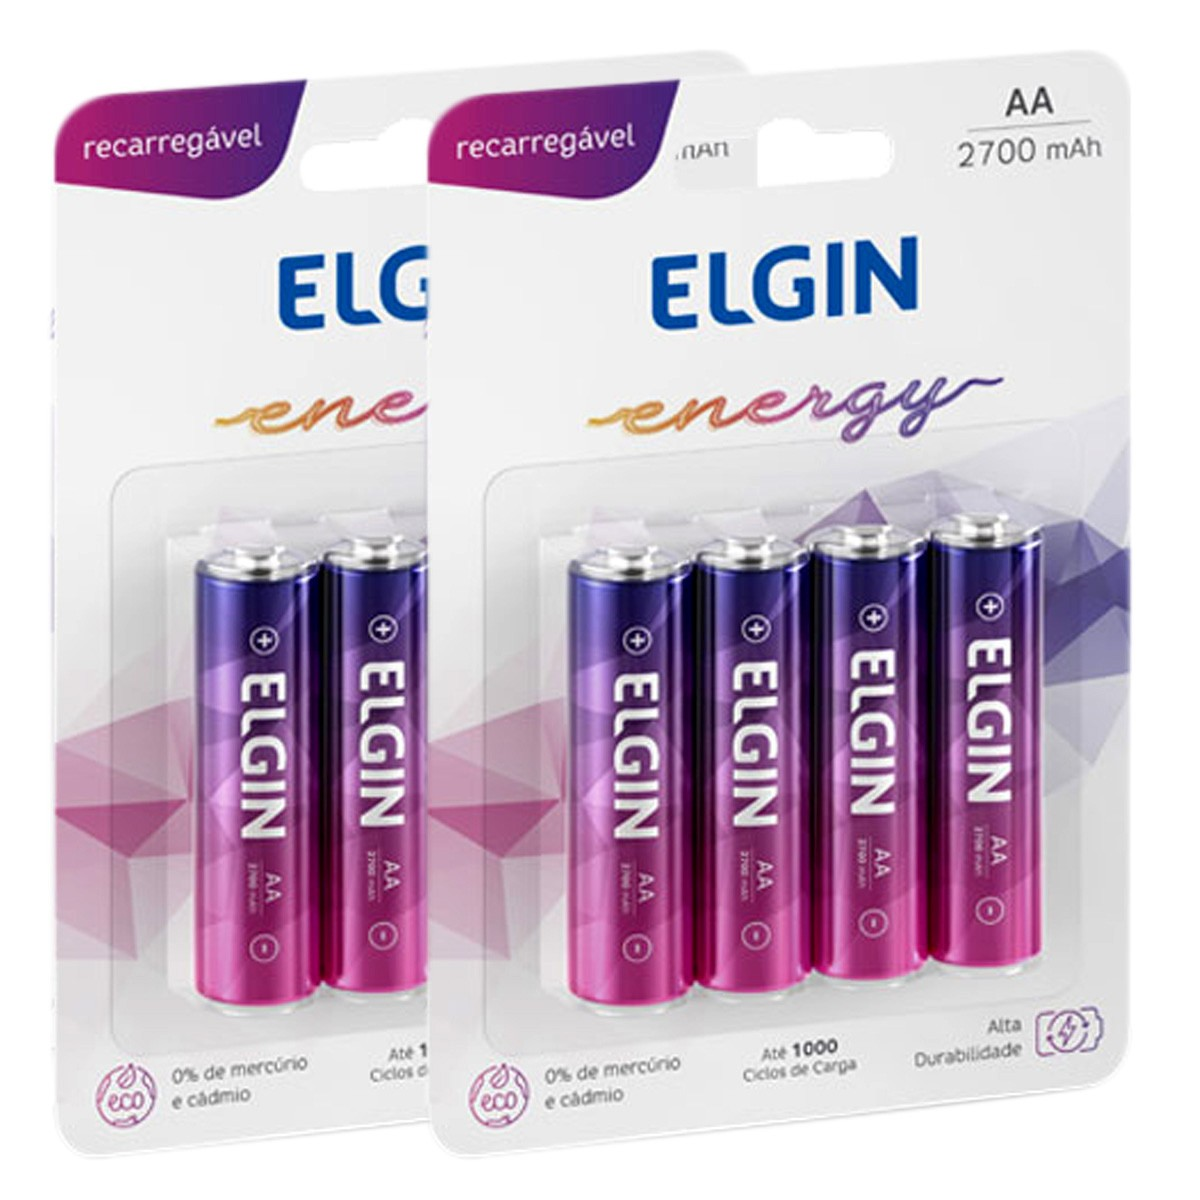 08 Bateria ELGIN AA 2700mAh Recarregável Alcalina 2 cartela